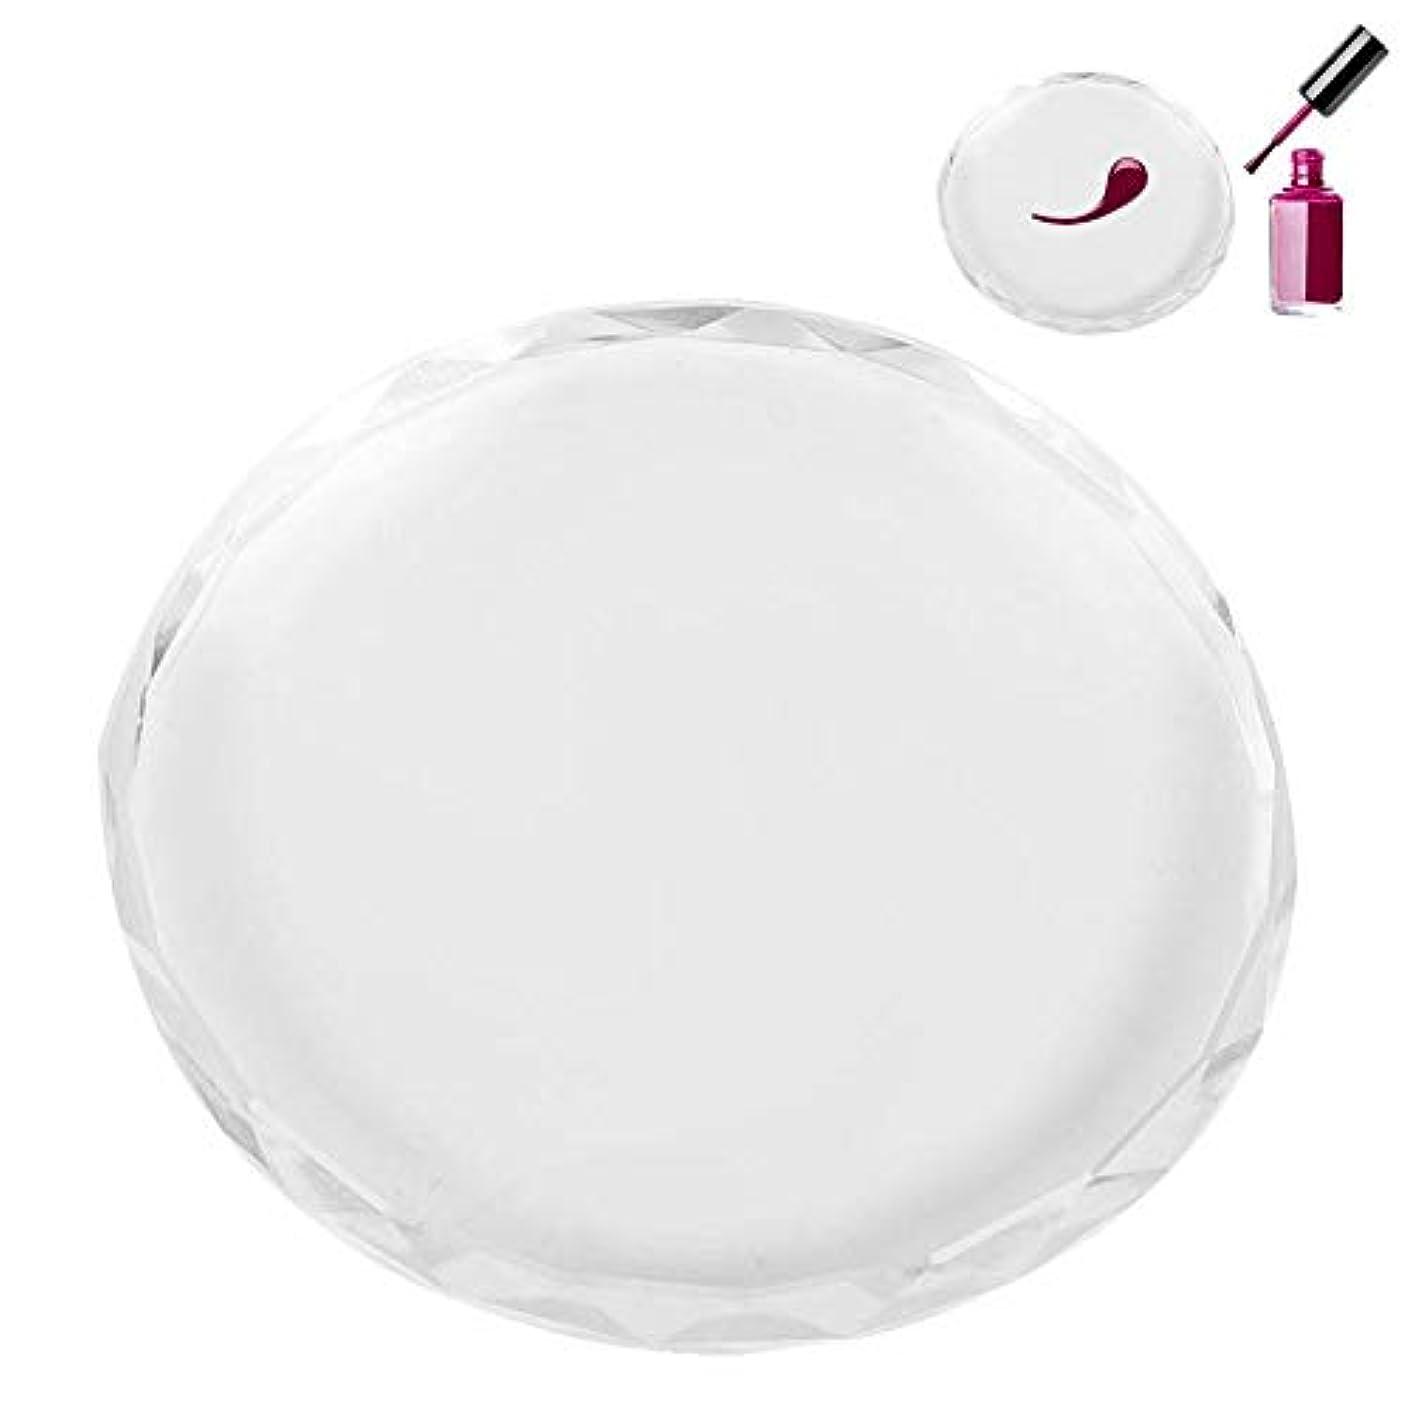 朝食を食べる昼食専門知識ネイルパレット、ネイルアートパレット ネイルポリッシュプレゼンテーションプレート 透明ガラス 色塗料トレイ ネイルDIYツール(02)